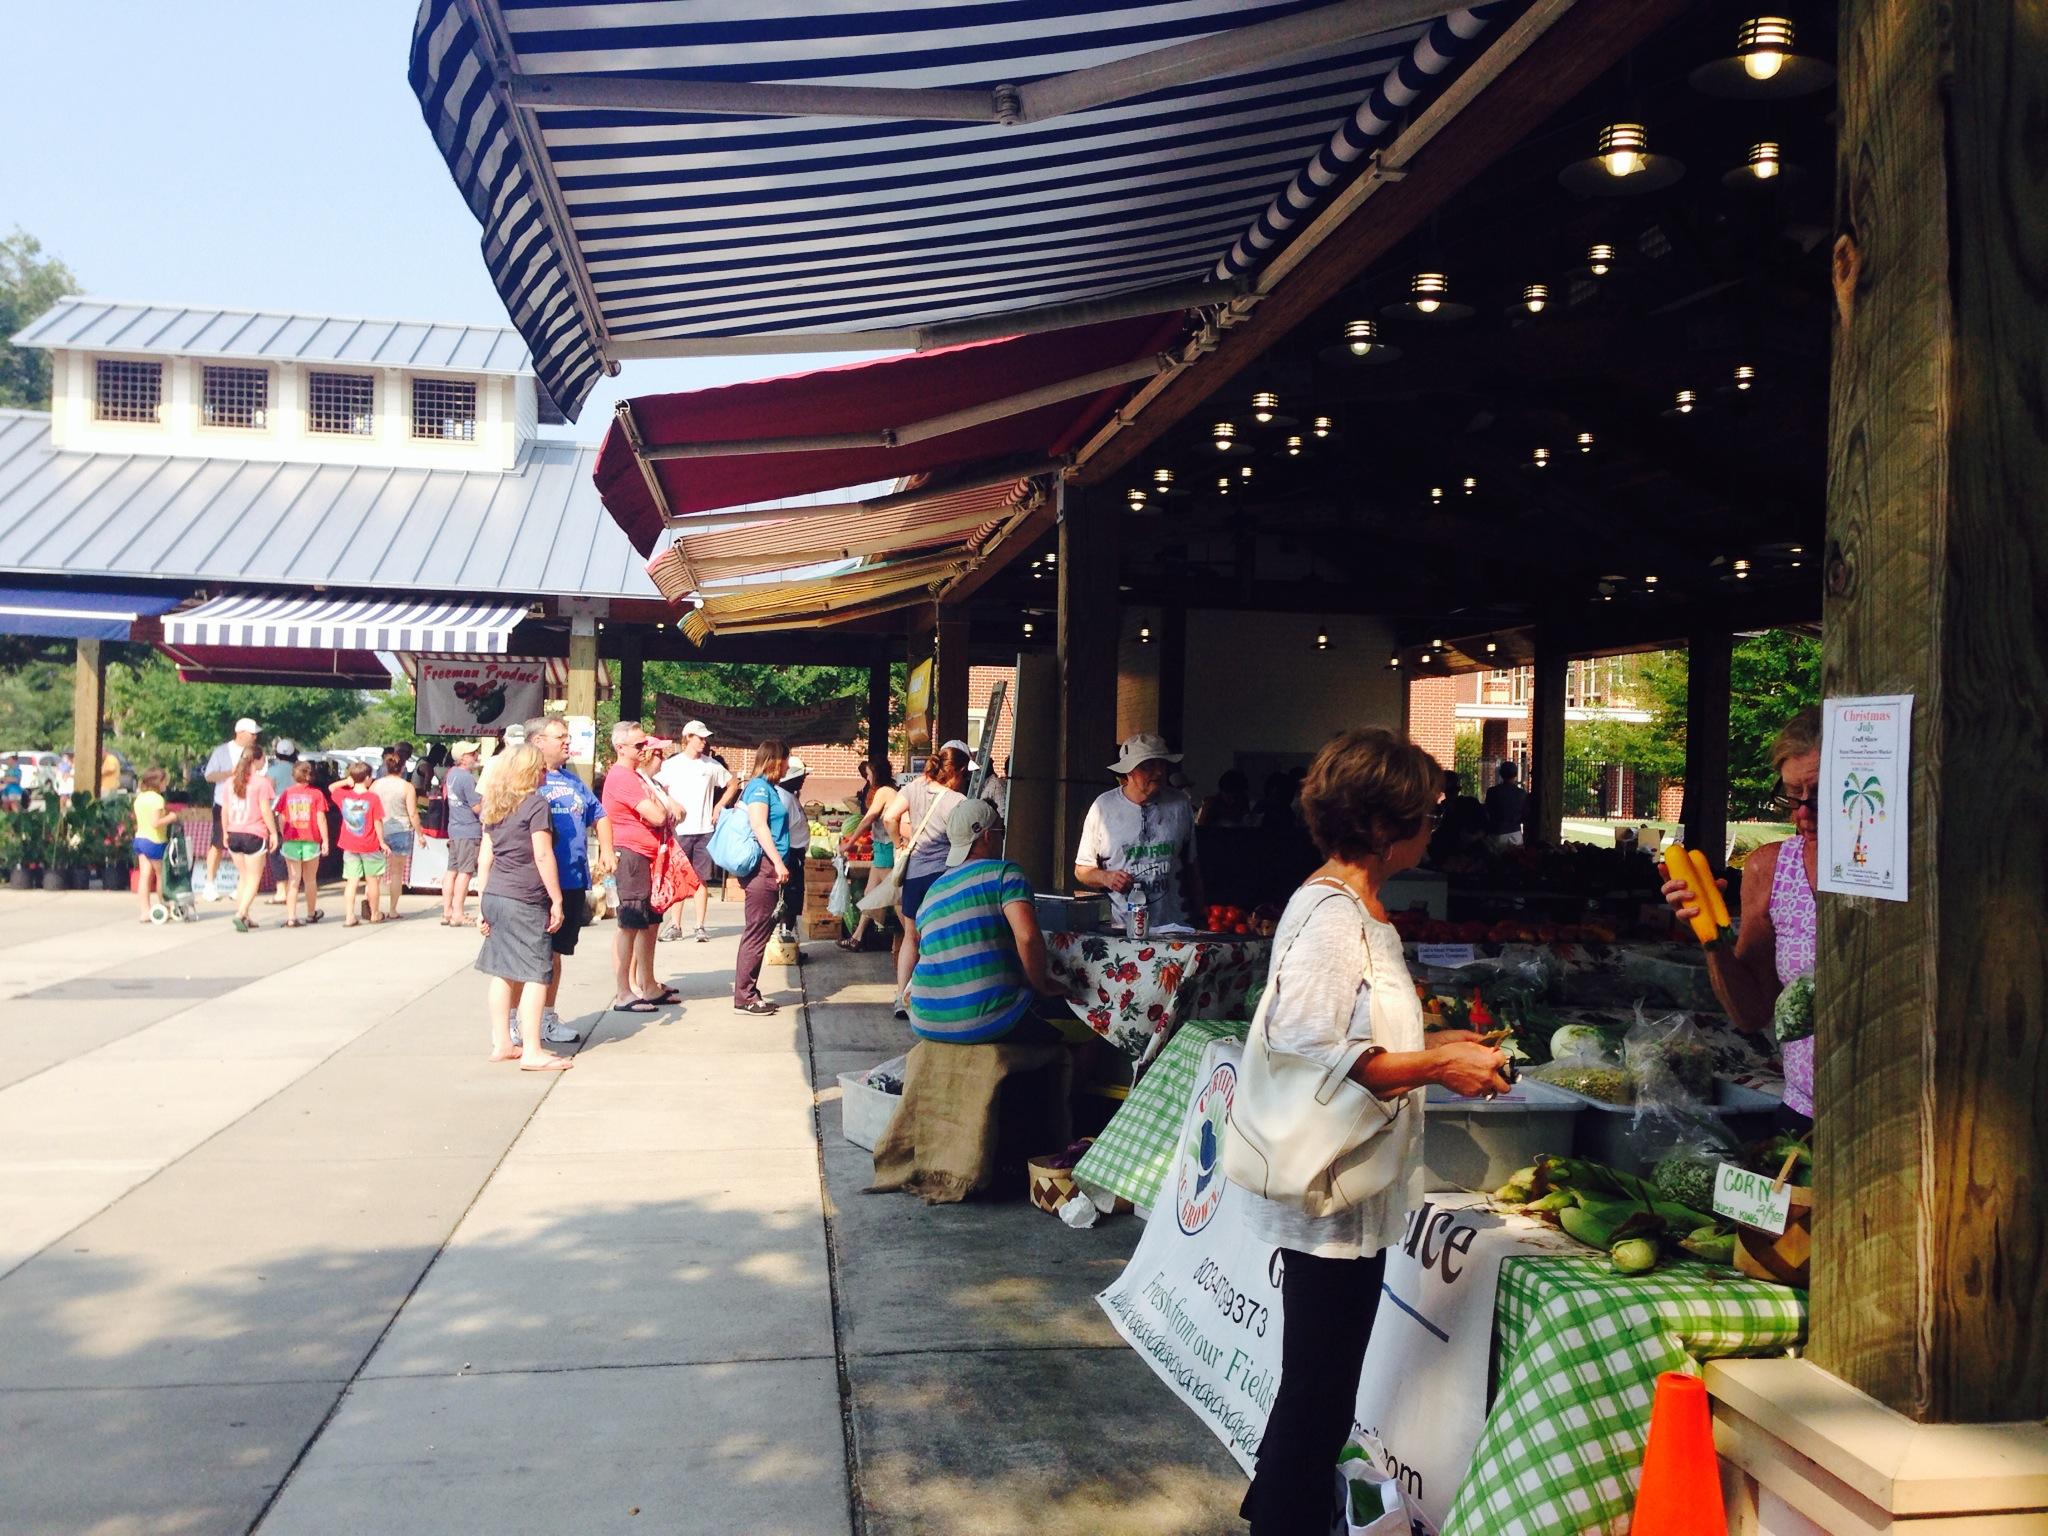 Mt. Pleasant Farmers Market